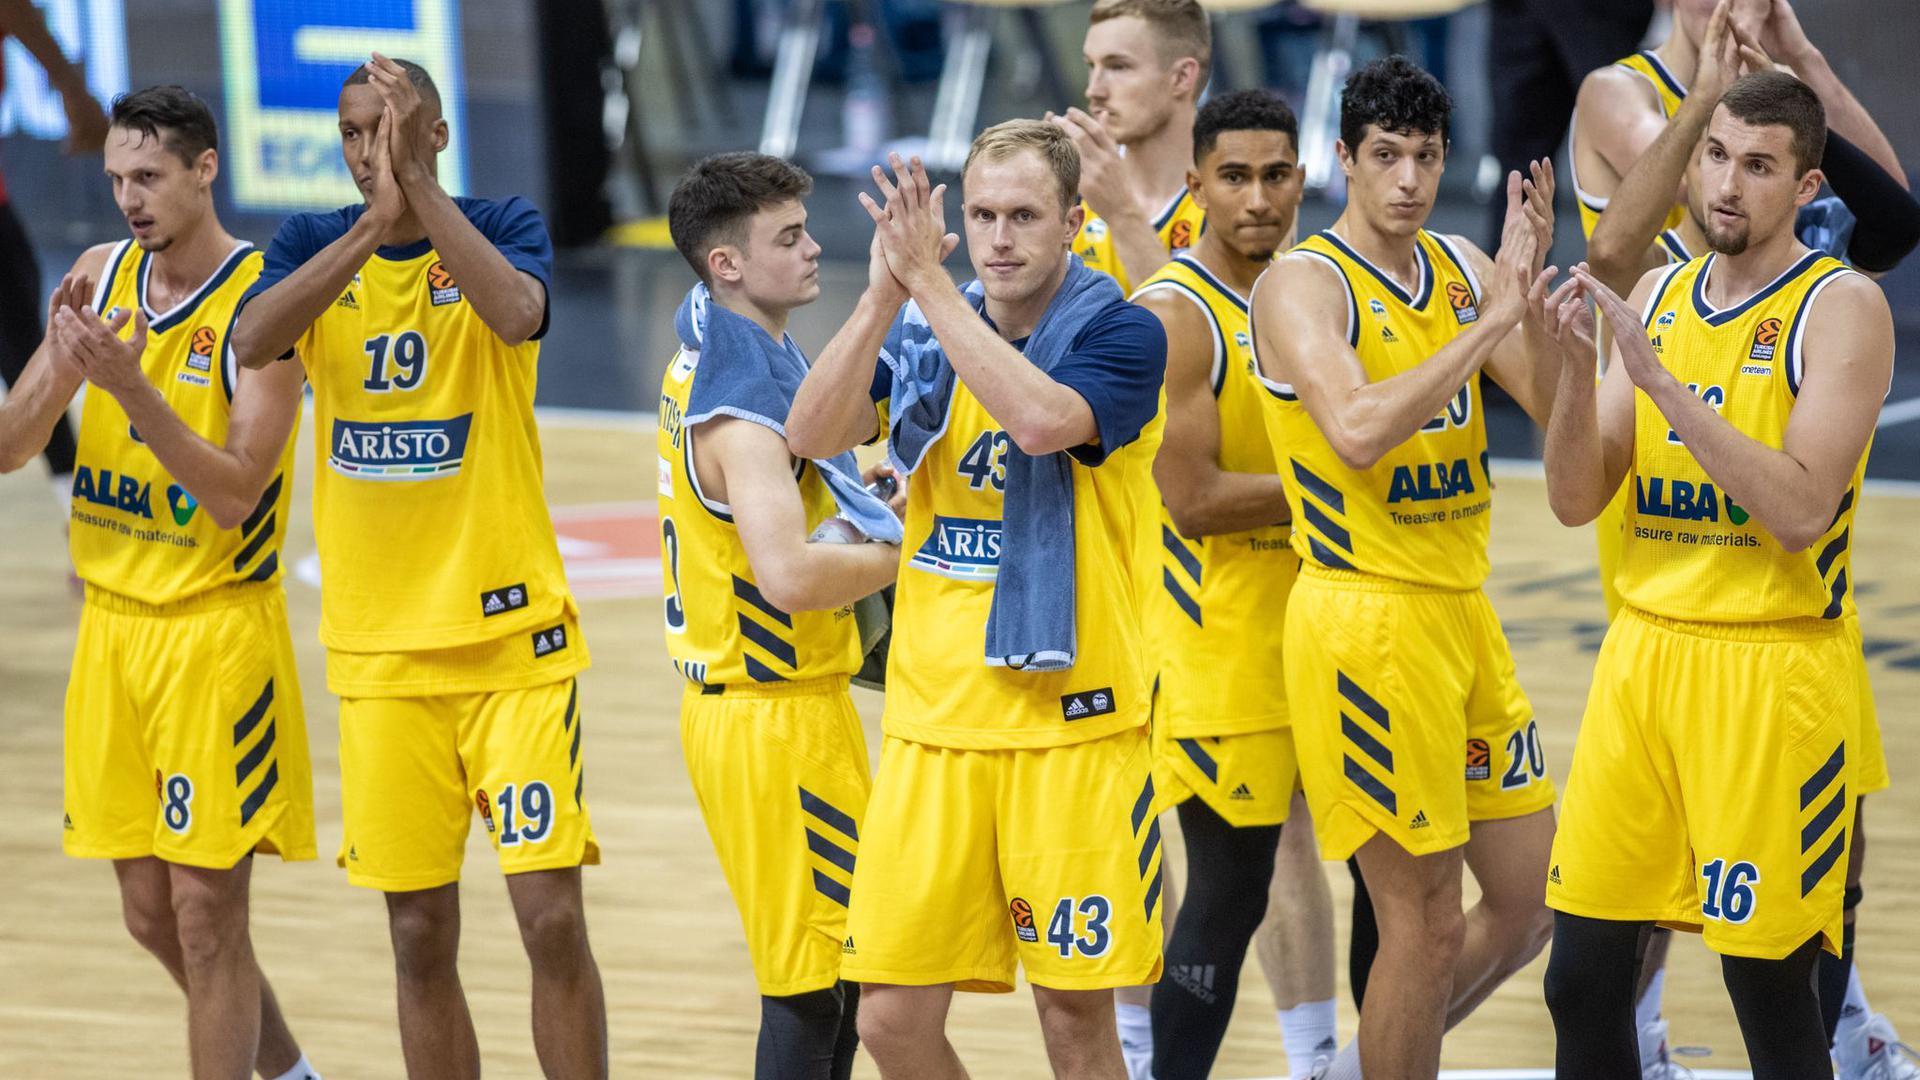 Albas Spieler bedanken sich nach der Niederlage bei den Fans.